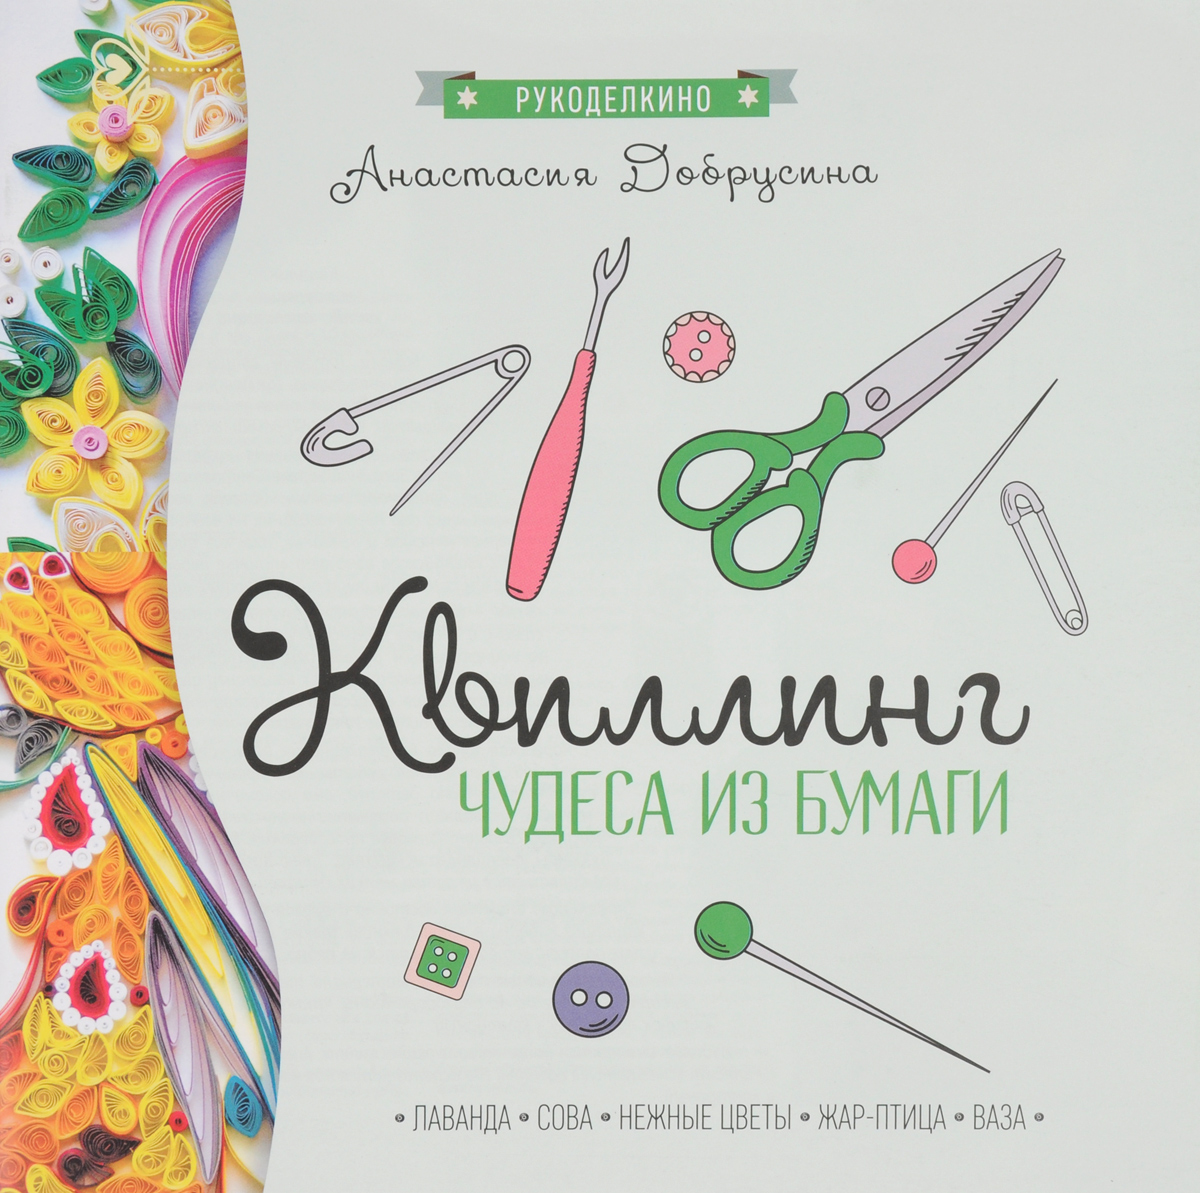 Анастасия Добрусина Квиллинг. Чудеса из бумаги е в селезнева цветы и игрушки из скрученной бумаги квиллинг для малышей